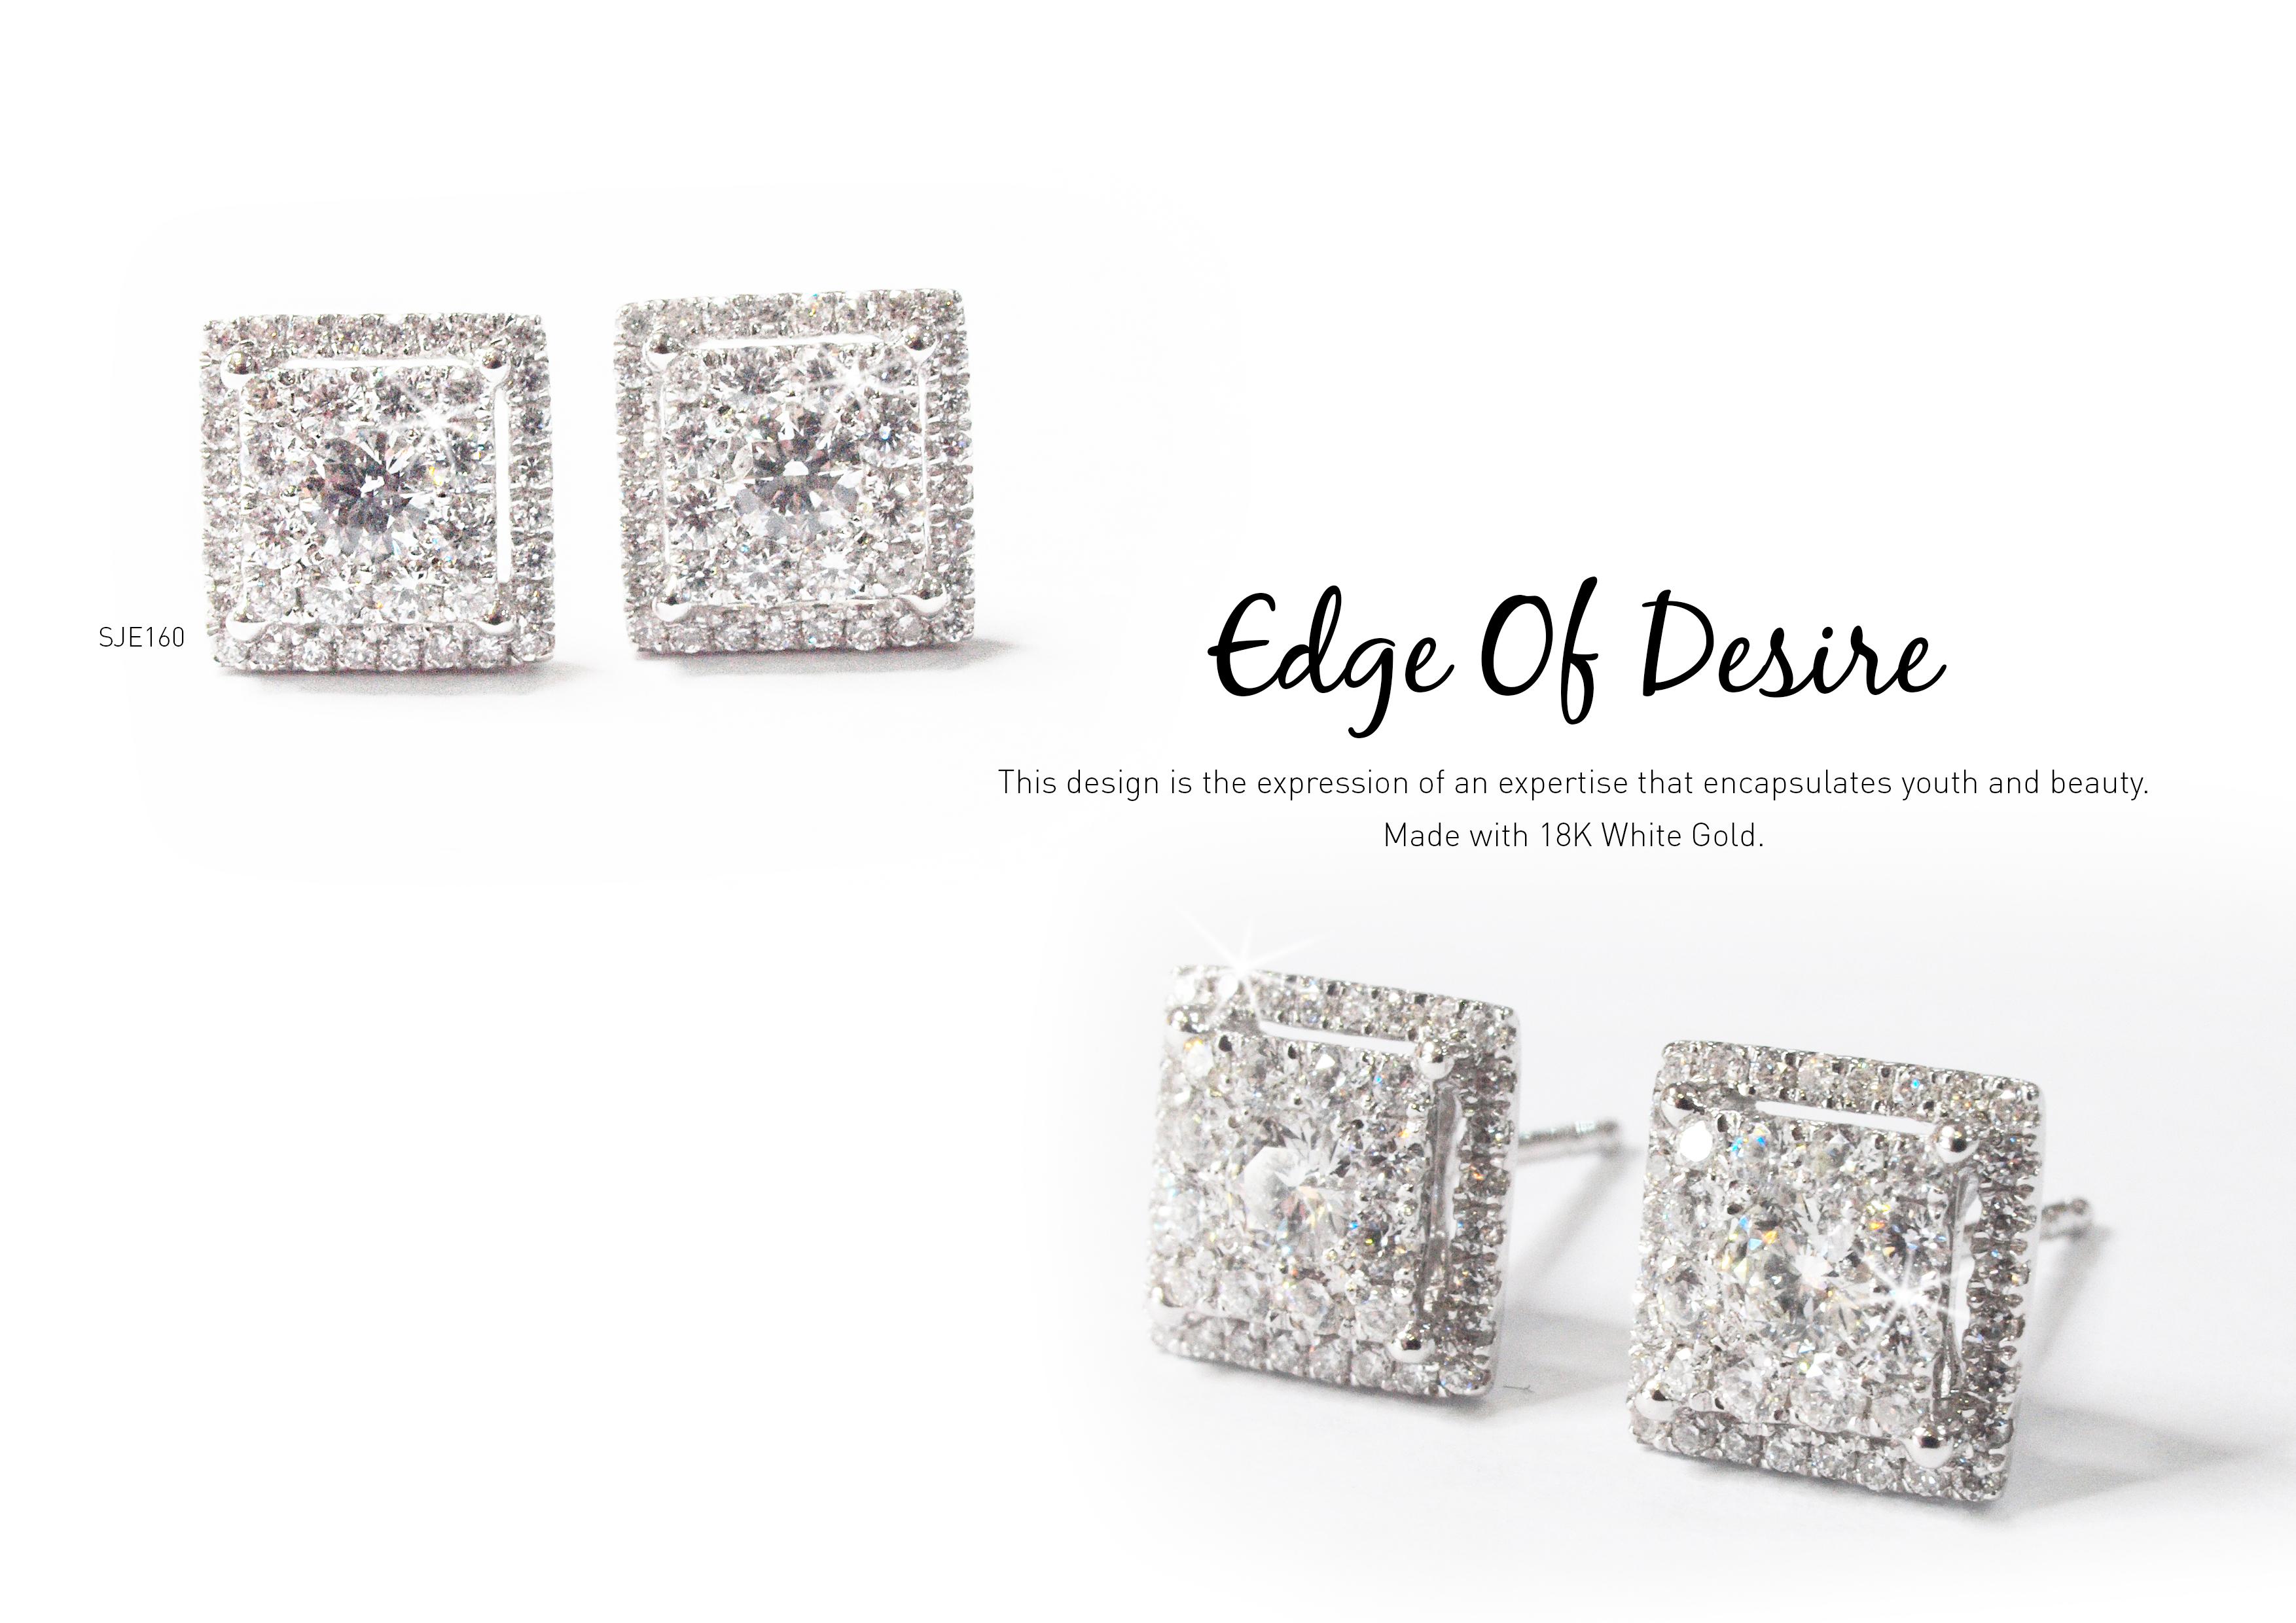 Edge of Desire